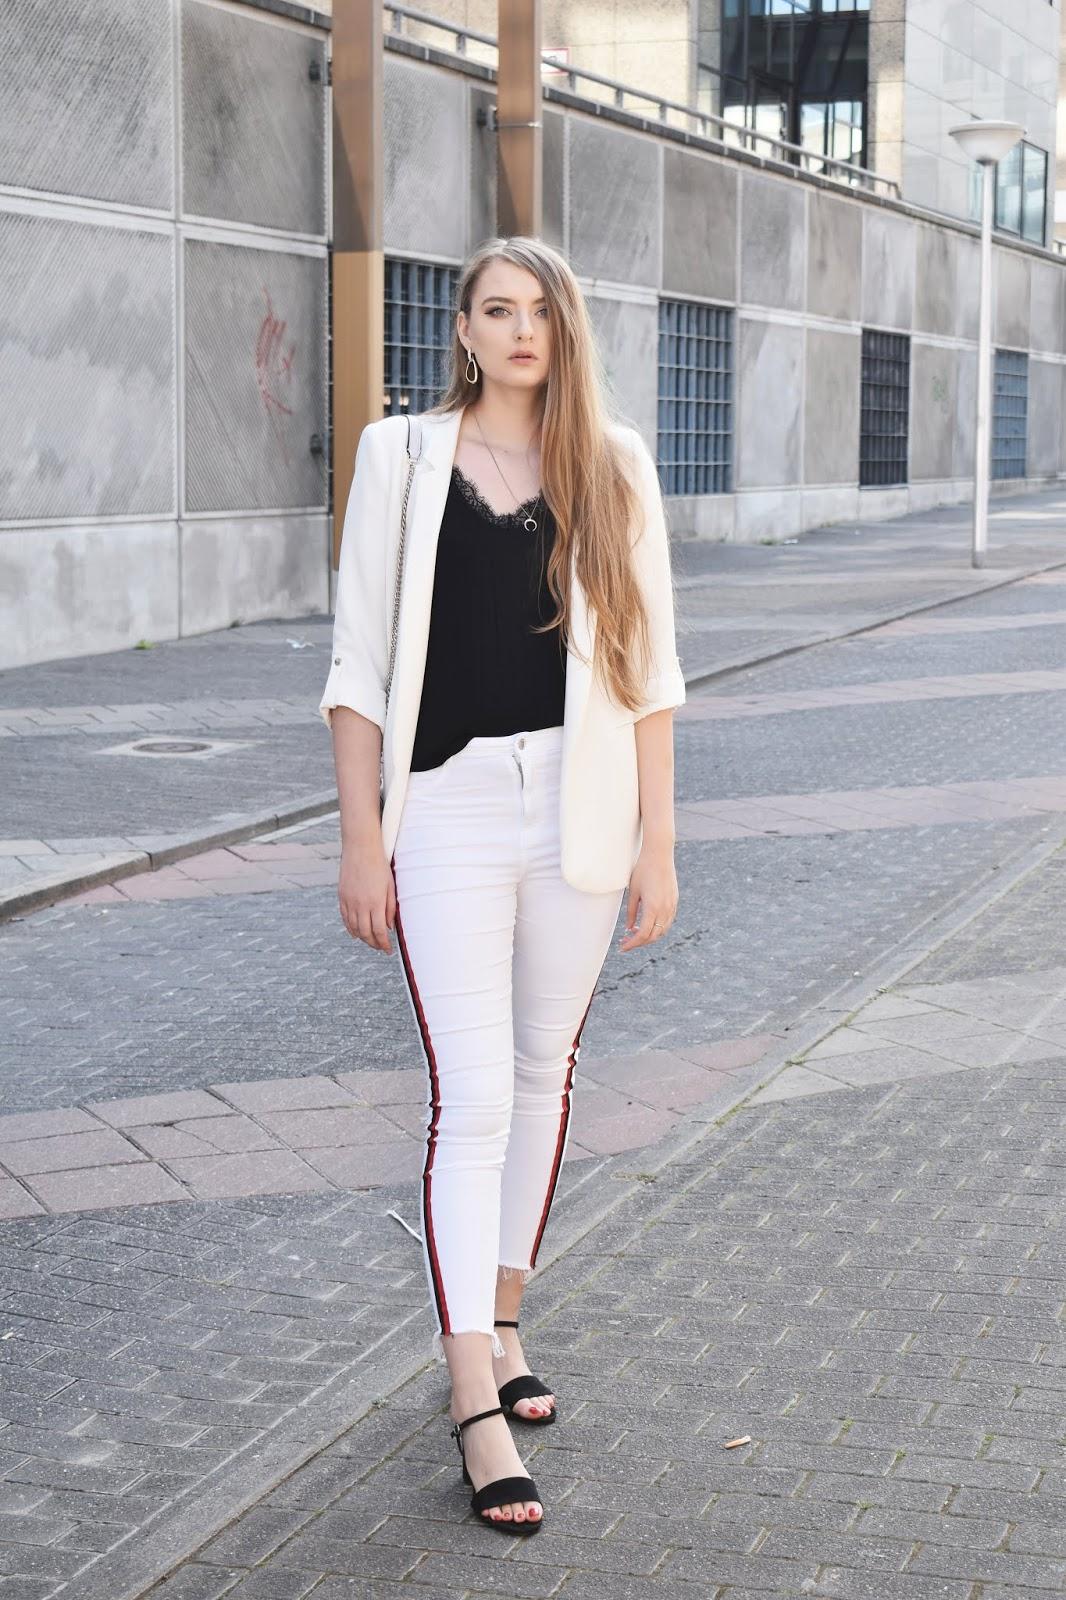 białe spodnie stylizacje eleganckie